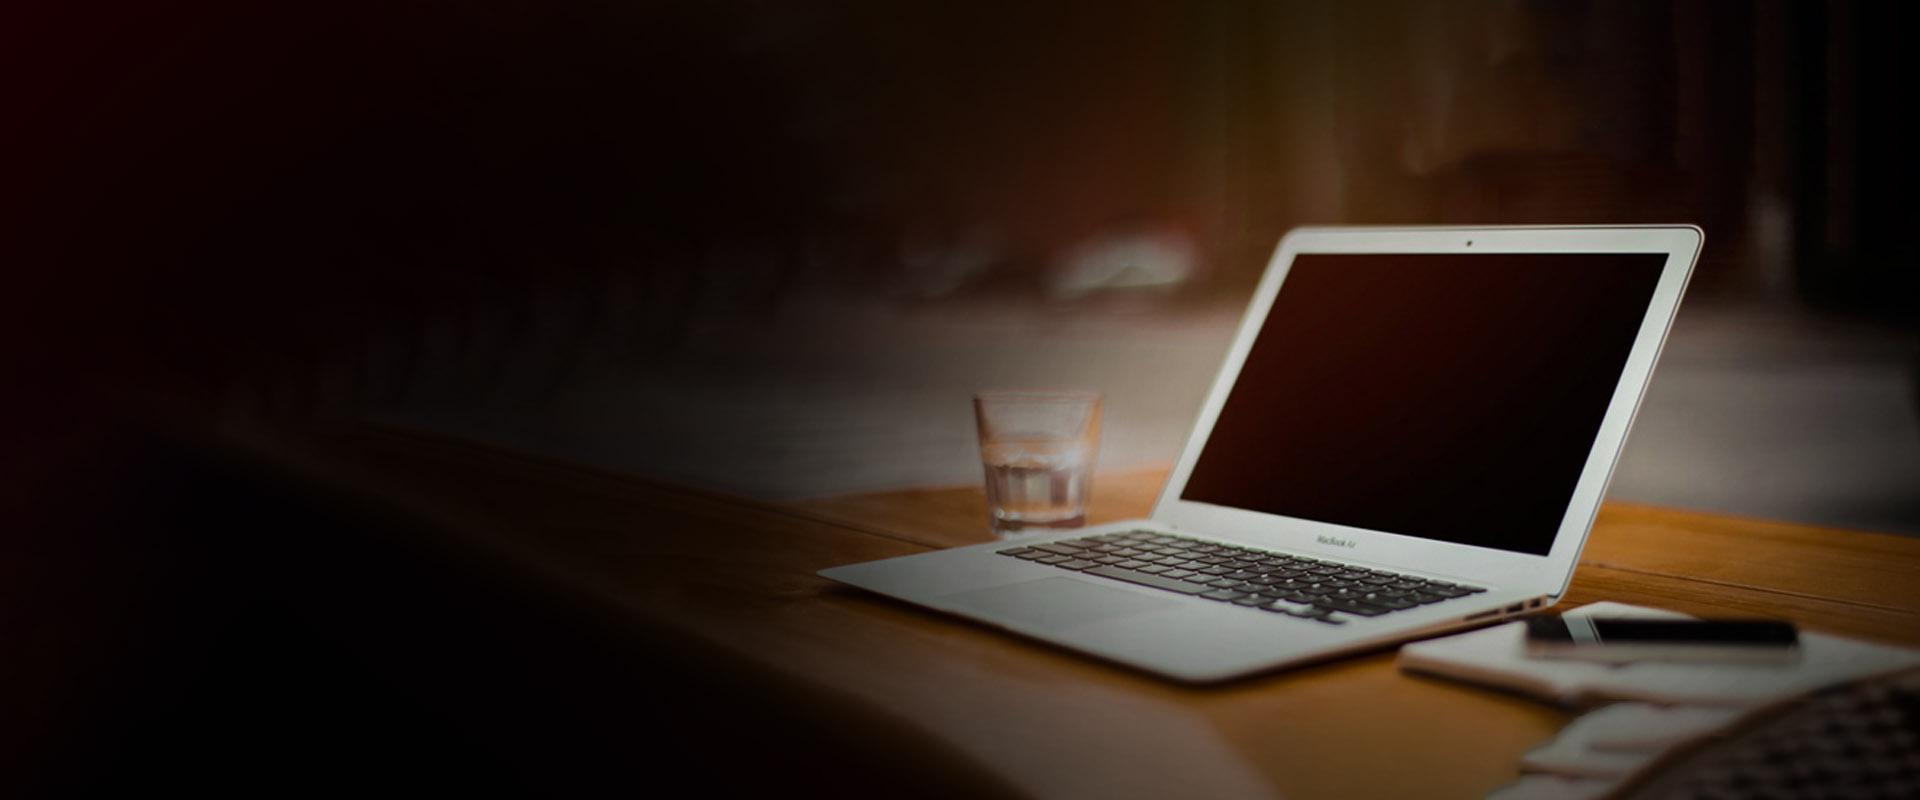 Dịch Vụ Sửa Laptop Tận Nơi Quận Gò Vấp Giá Rẻ